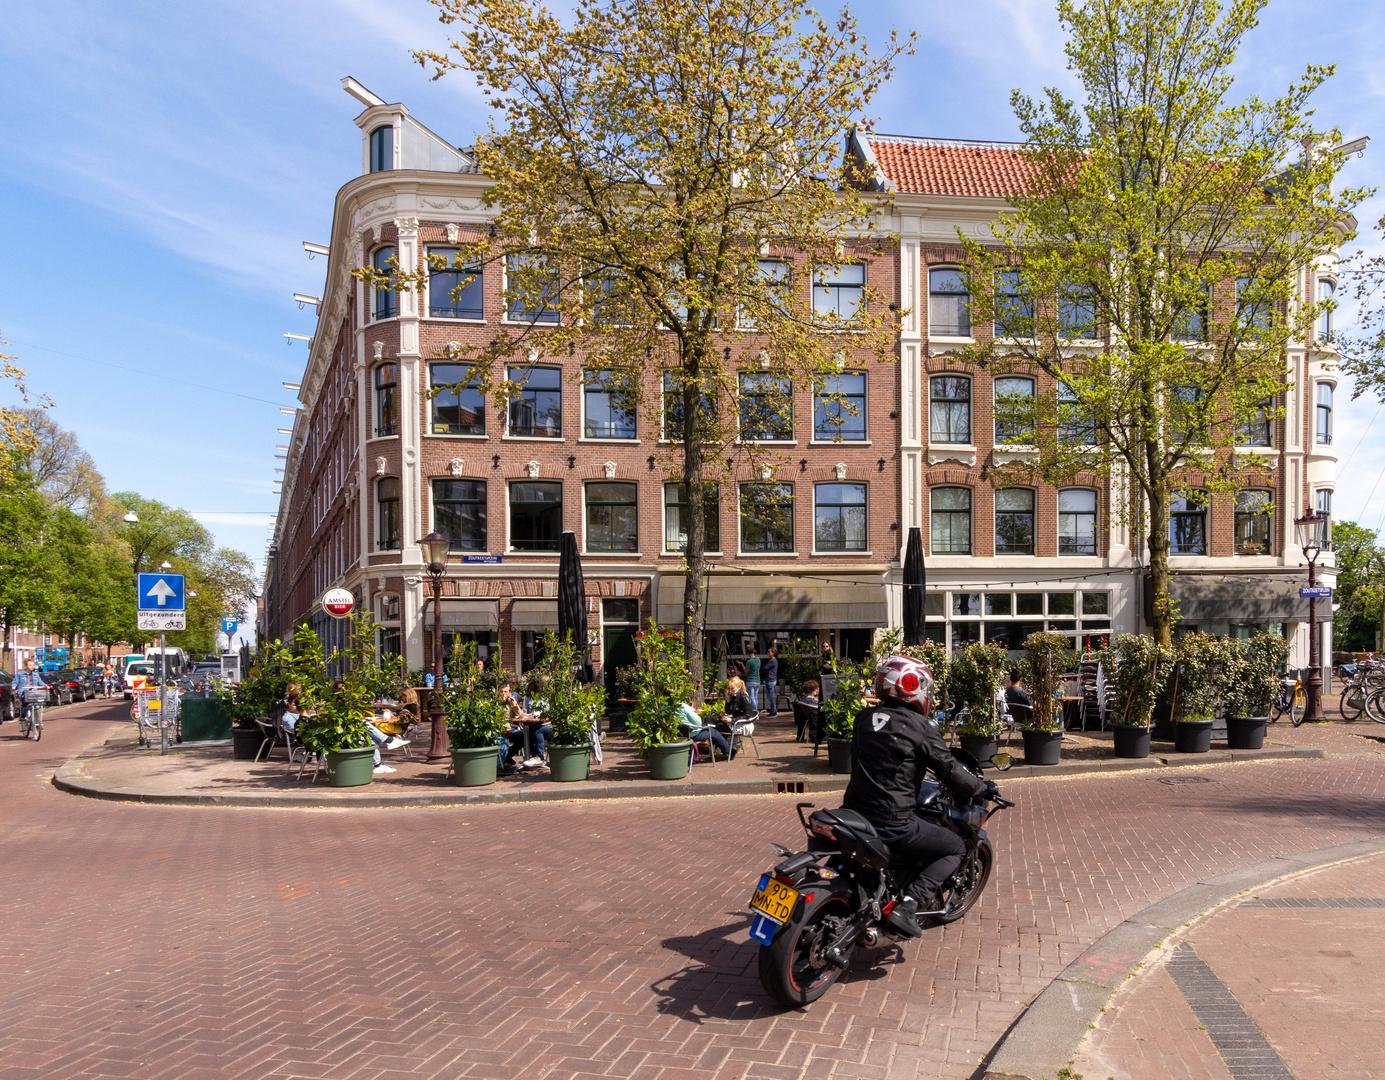 Amsterdam - Zeeheldenbuurt - Zoutkeetsplein - 03